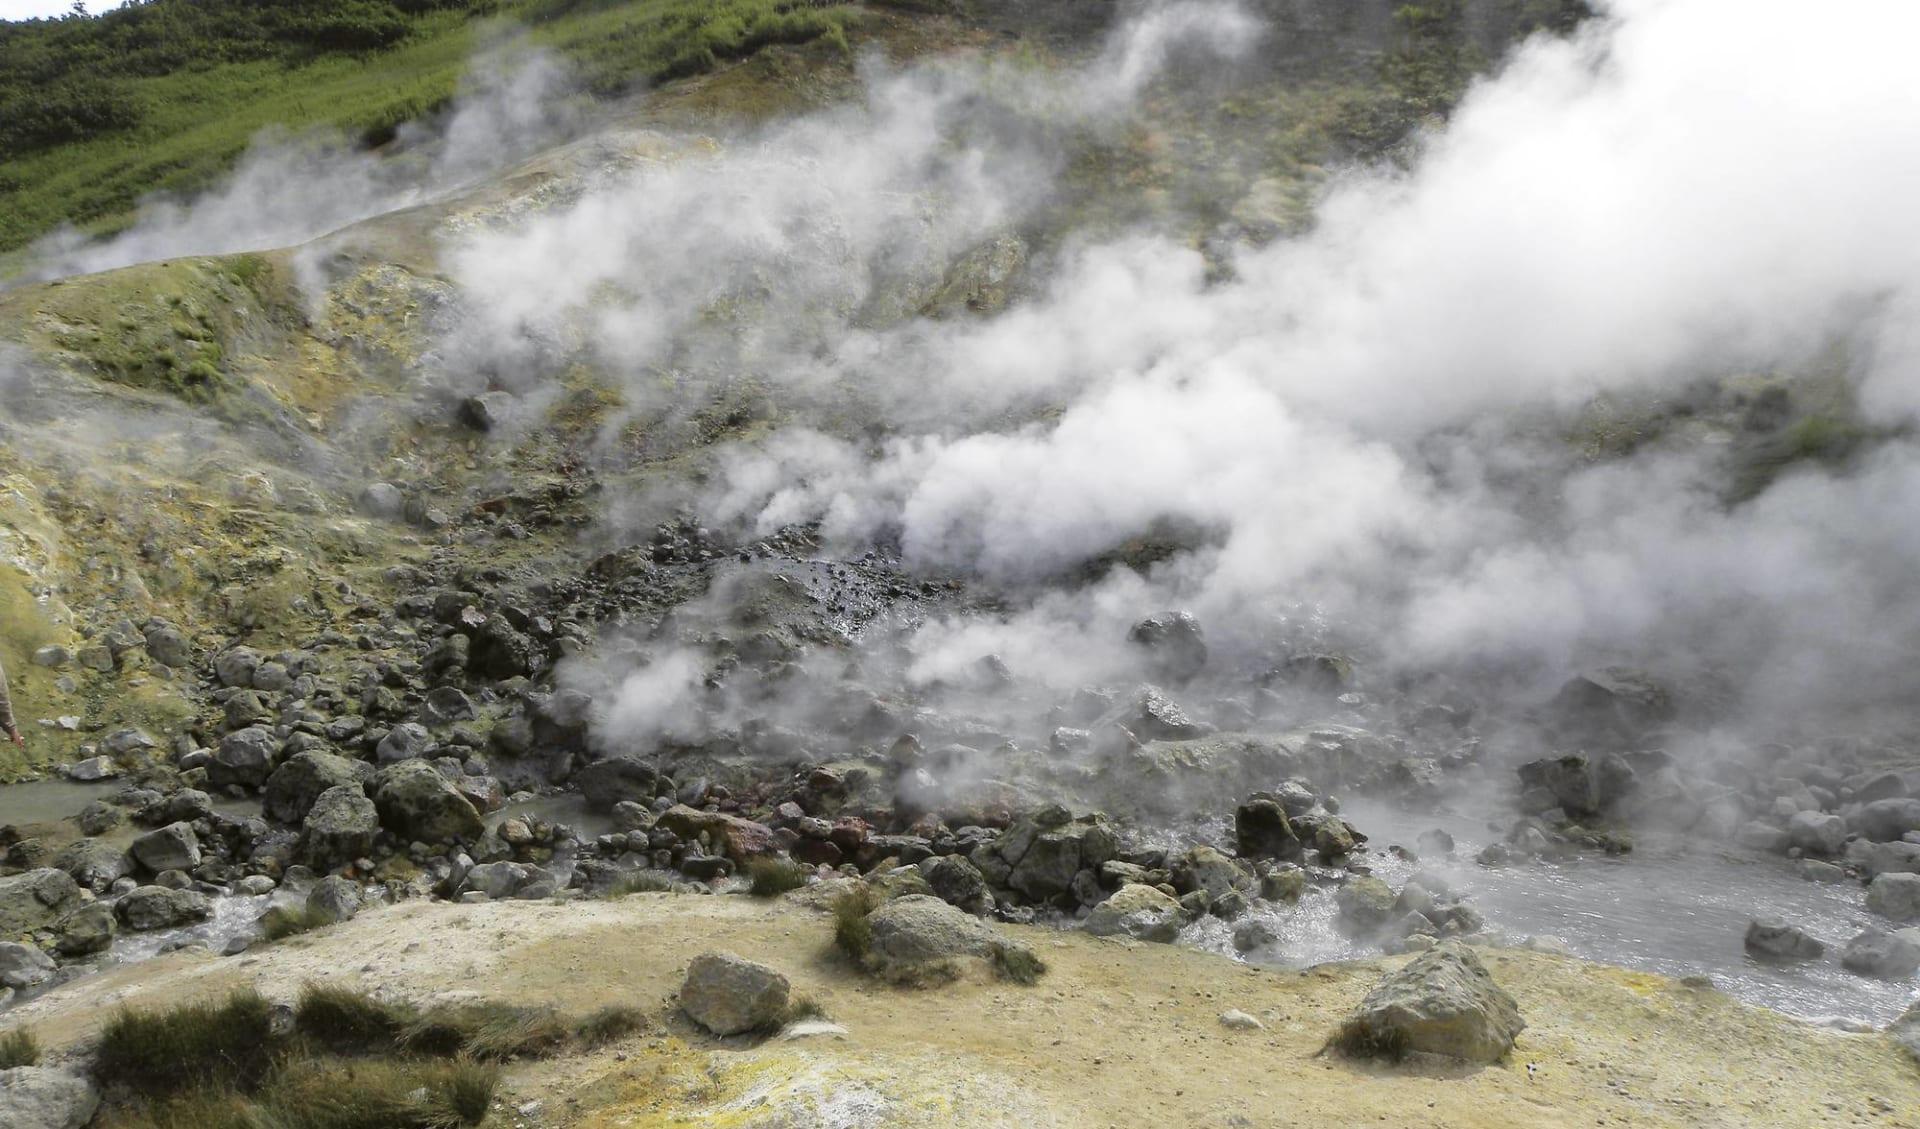 Wasser und Flammen ab Petropawlowsk-Kamtschatka: Vulkane, Geysire und Bären_Dachnye Quelle